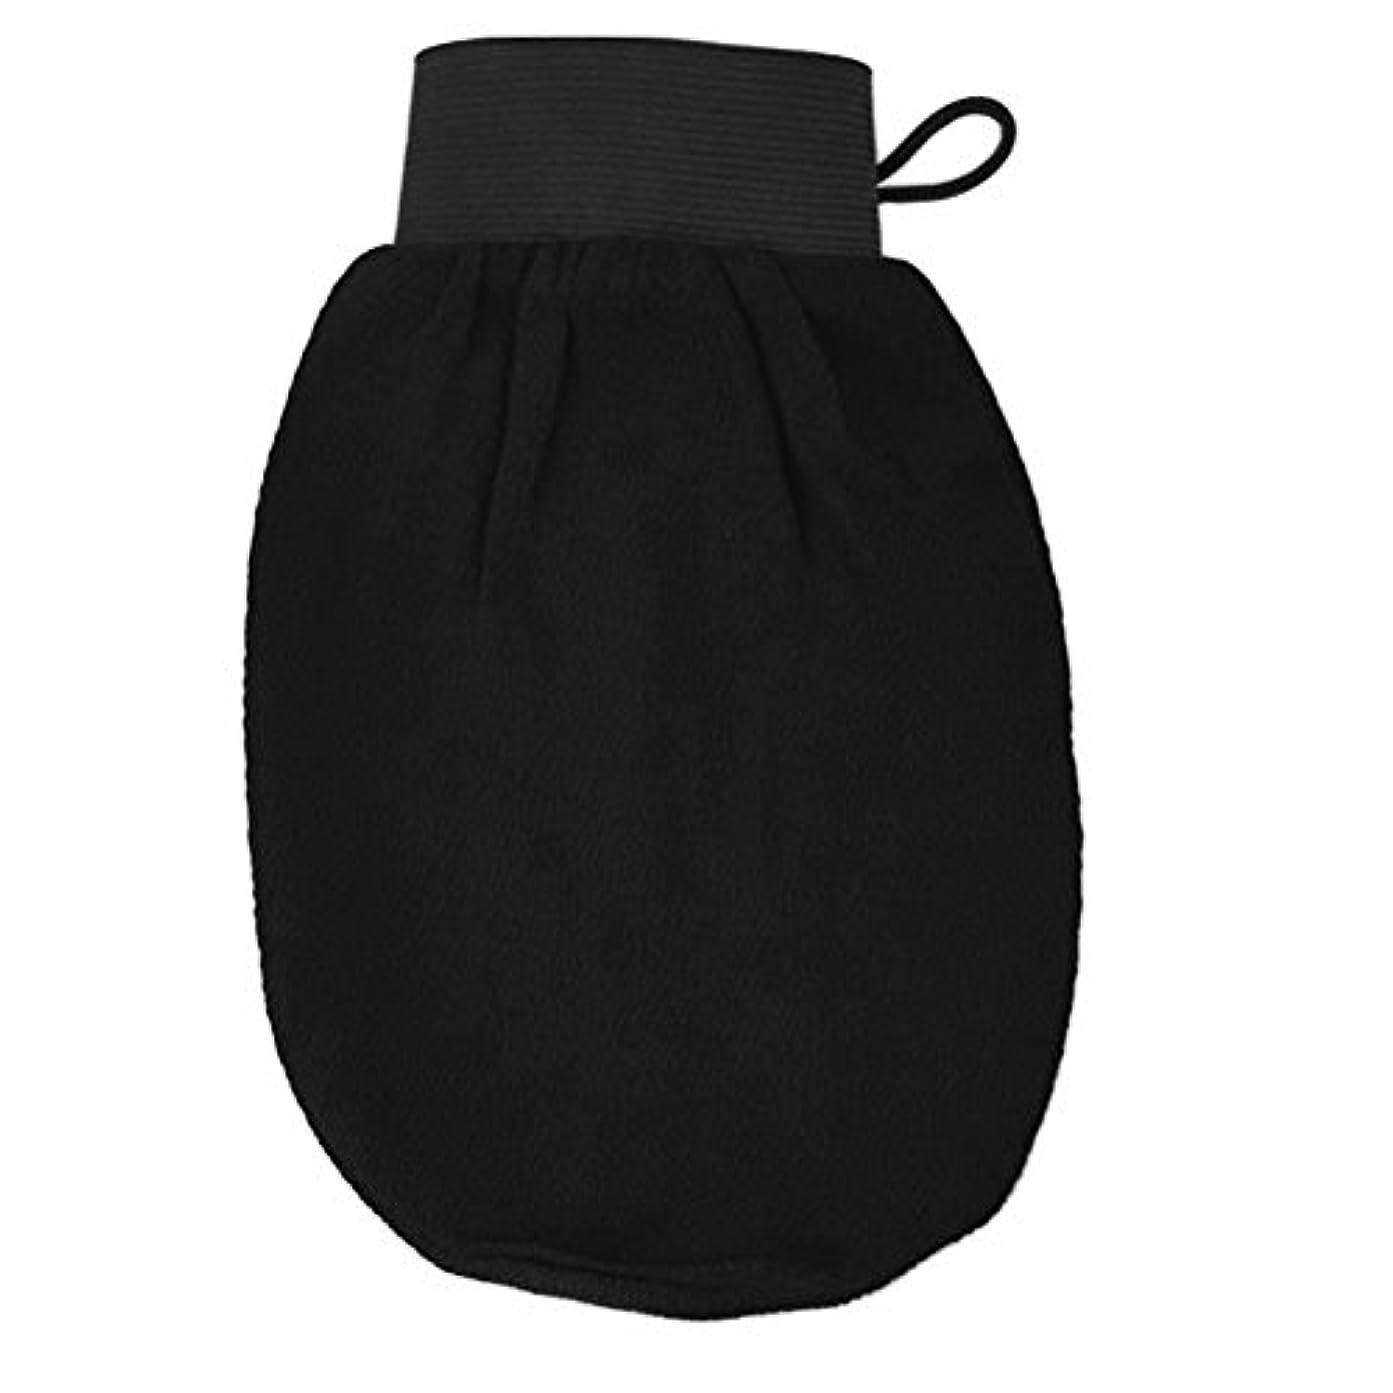 評判合理的適格ROSENICE バスグローブ 浴用グローブ 角質取り 泡立ち 垢擦り 手袋 マッサージ ボディウォッシュ シャワー バスルーム 男女兼用 バス用品(ブラック)